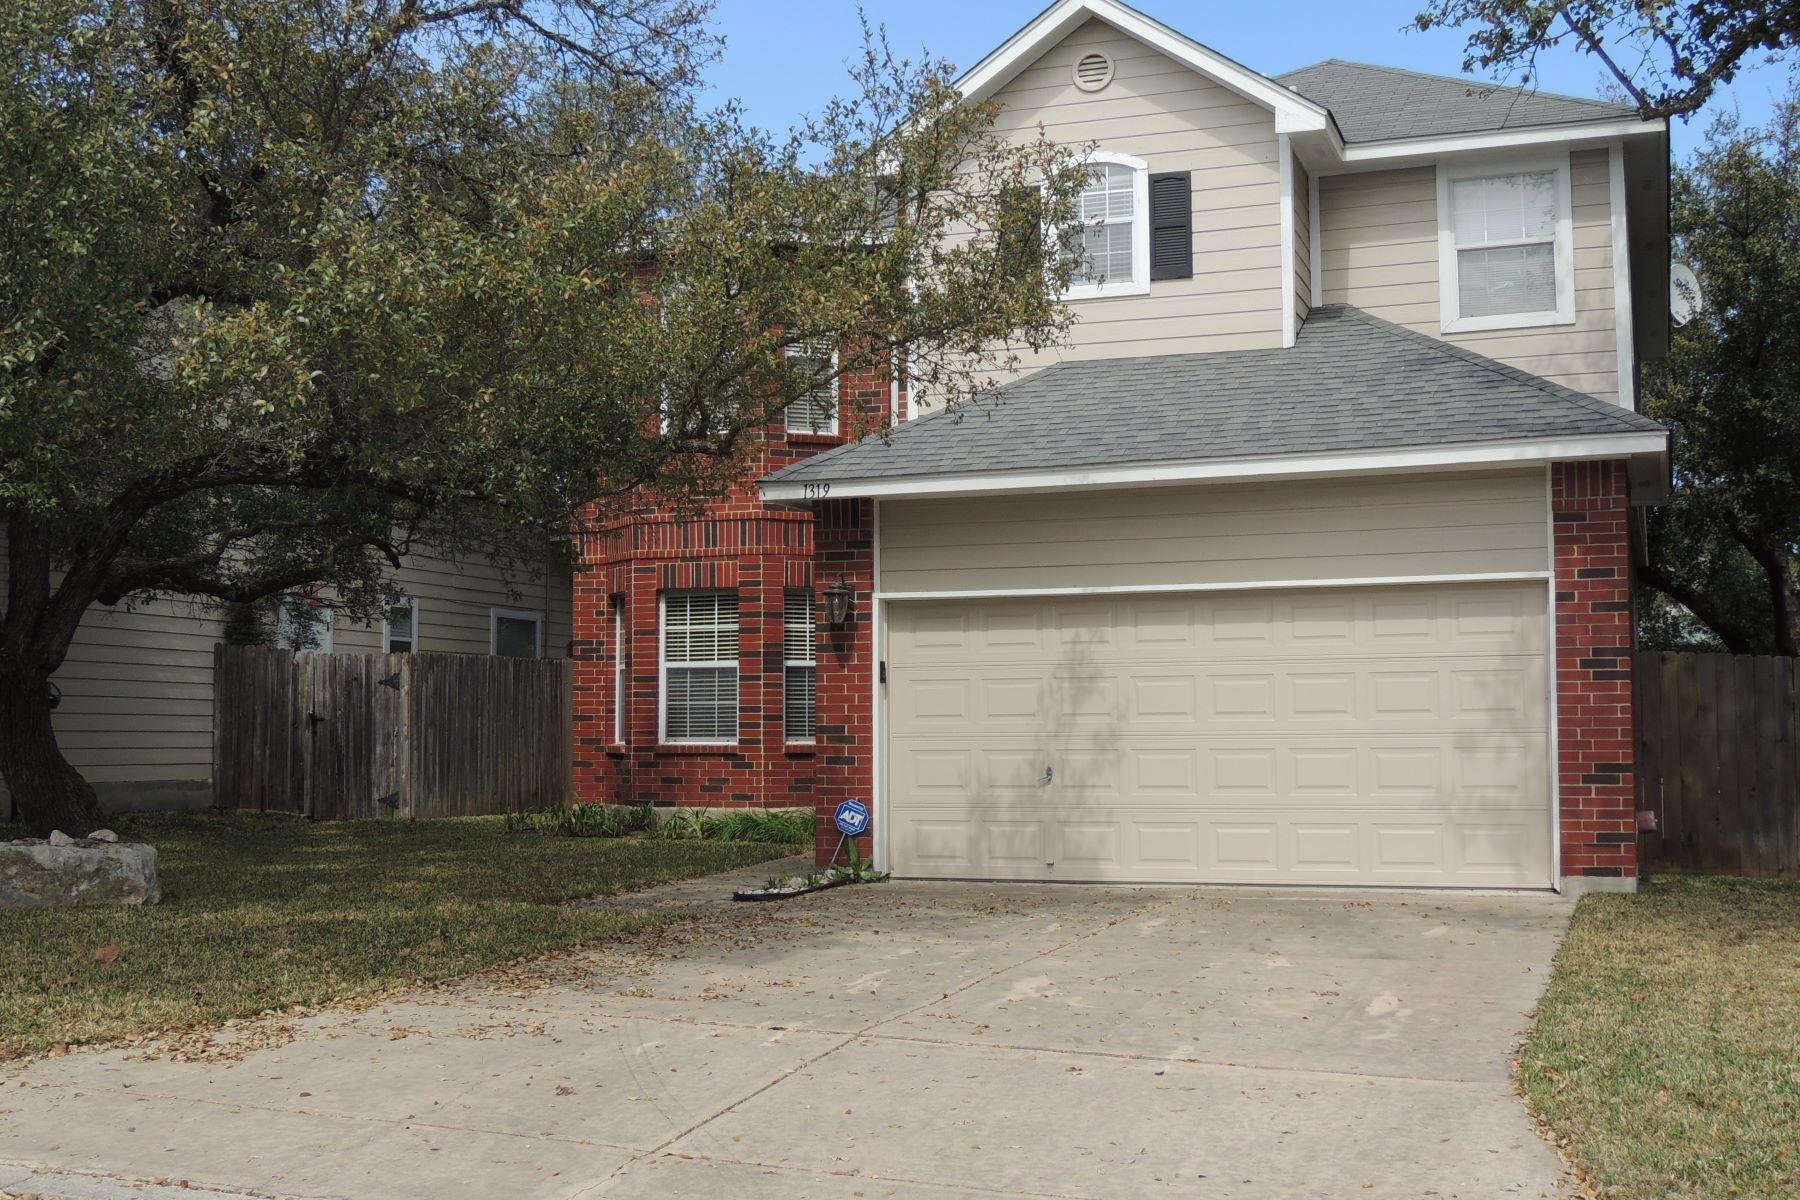 独户住宅 为 出租 在 1319 View Top 圣安东尼奥, 得克萨斯州, 78258 美国